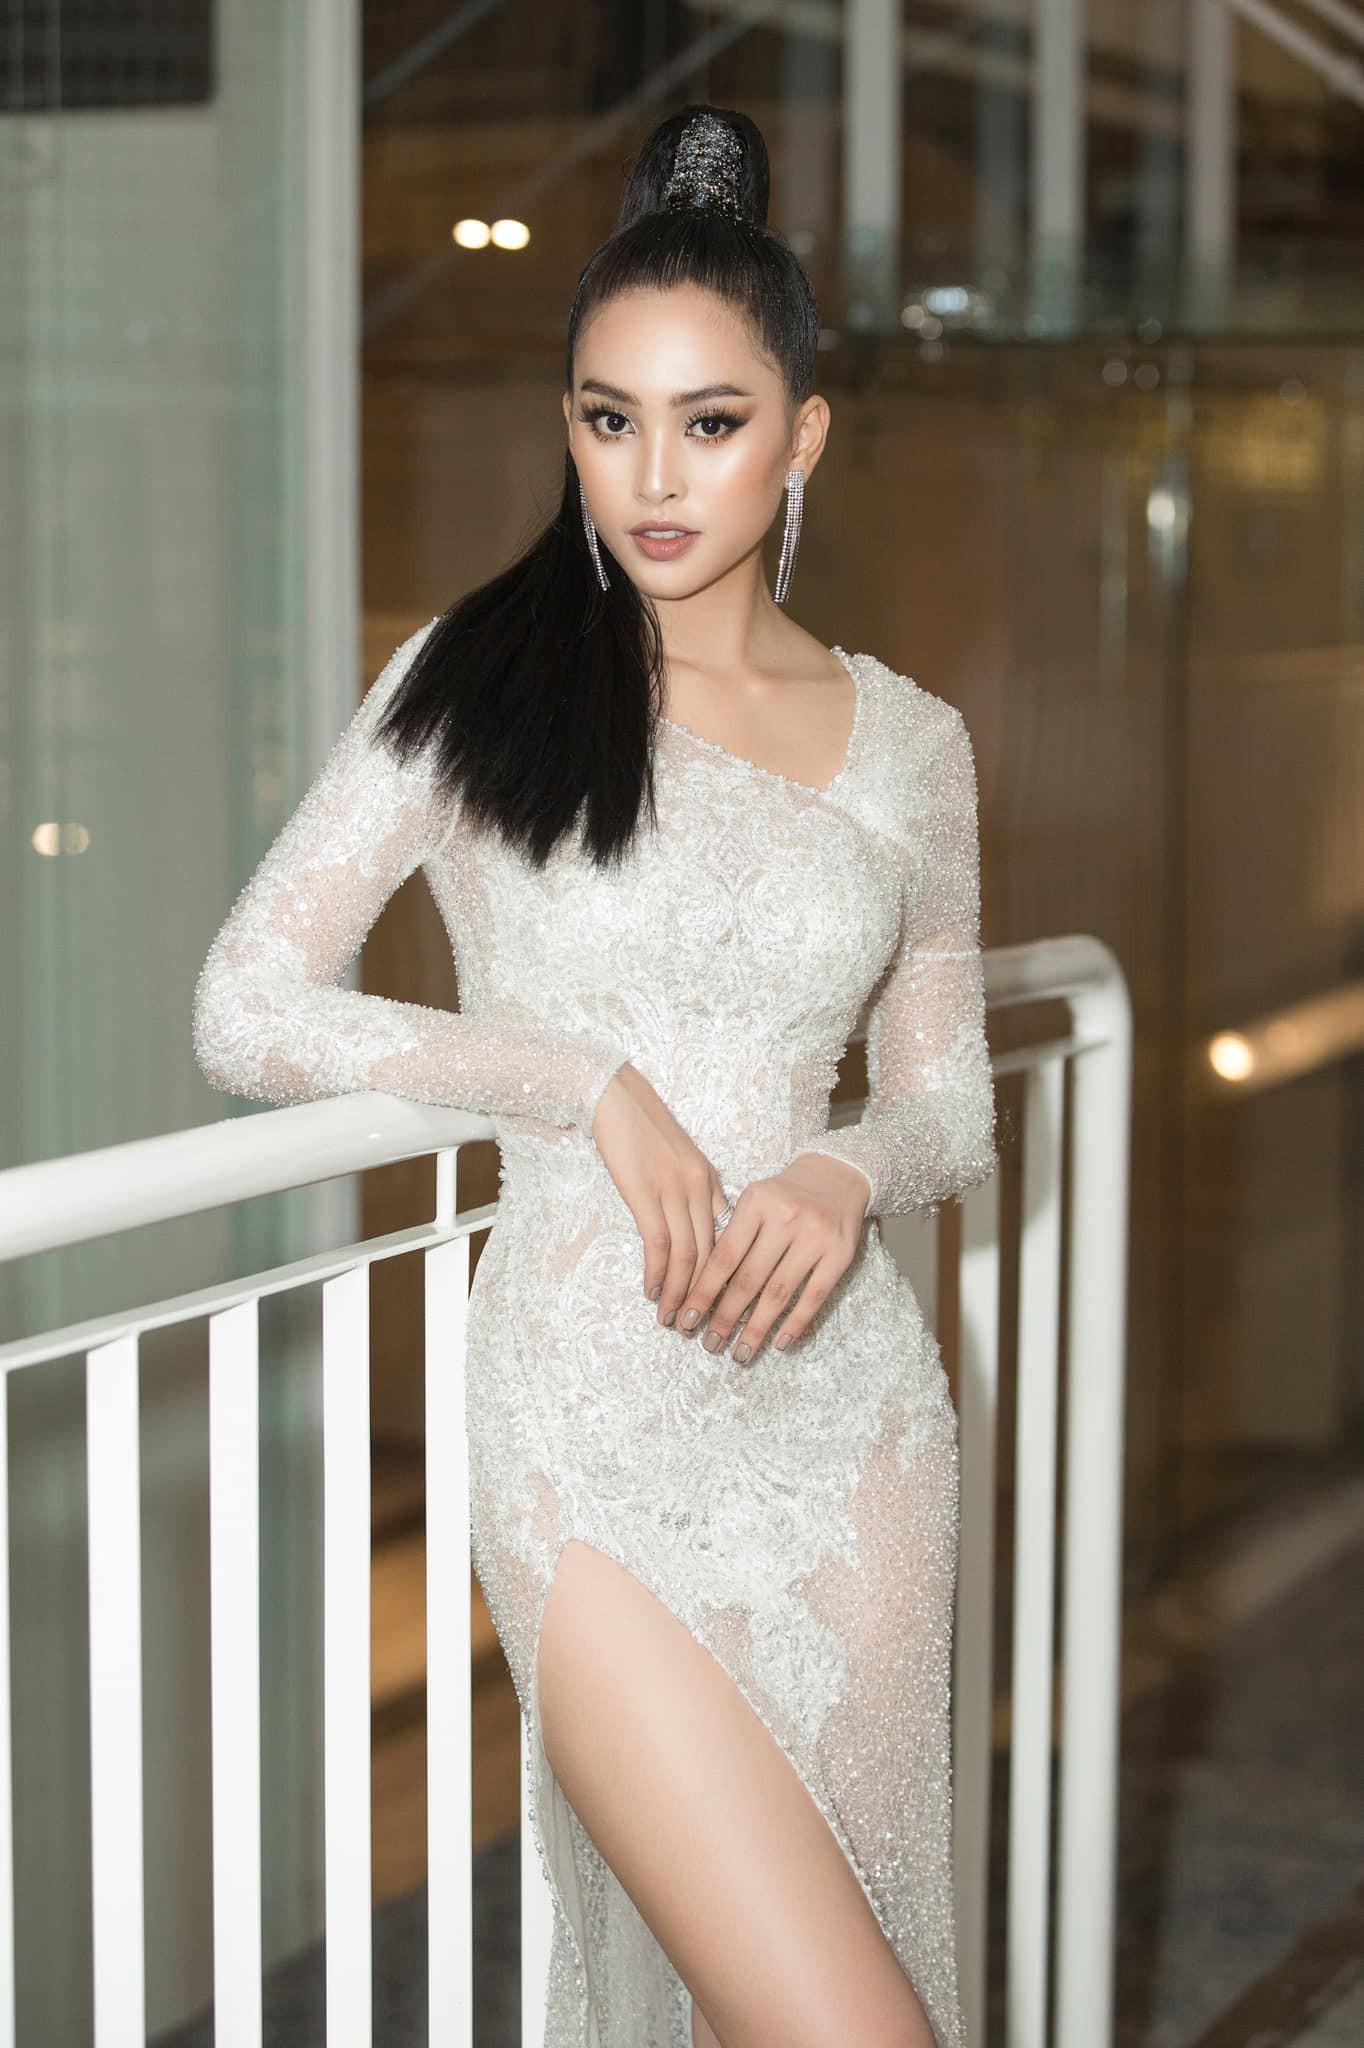 Mới đăng 2 câu thả thính đã bị antifan chấn chỉnh, Hoa hậu Tiểu Vy gây chú ý vì lần đầu phá lệ đáp trả cực gắt - Ảnh 3.